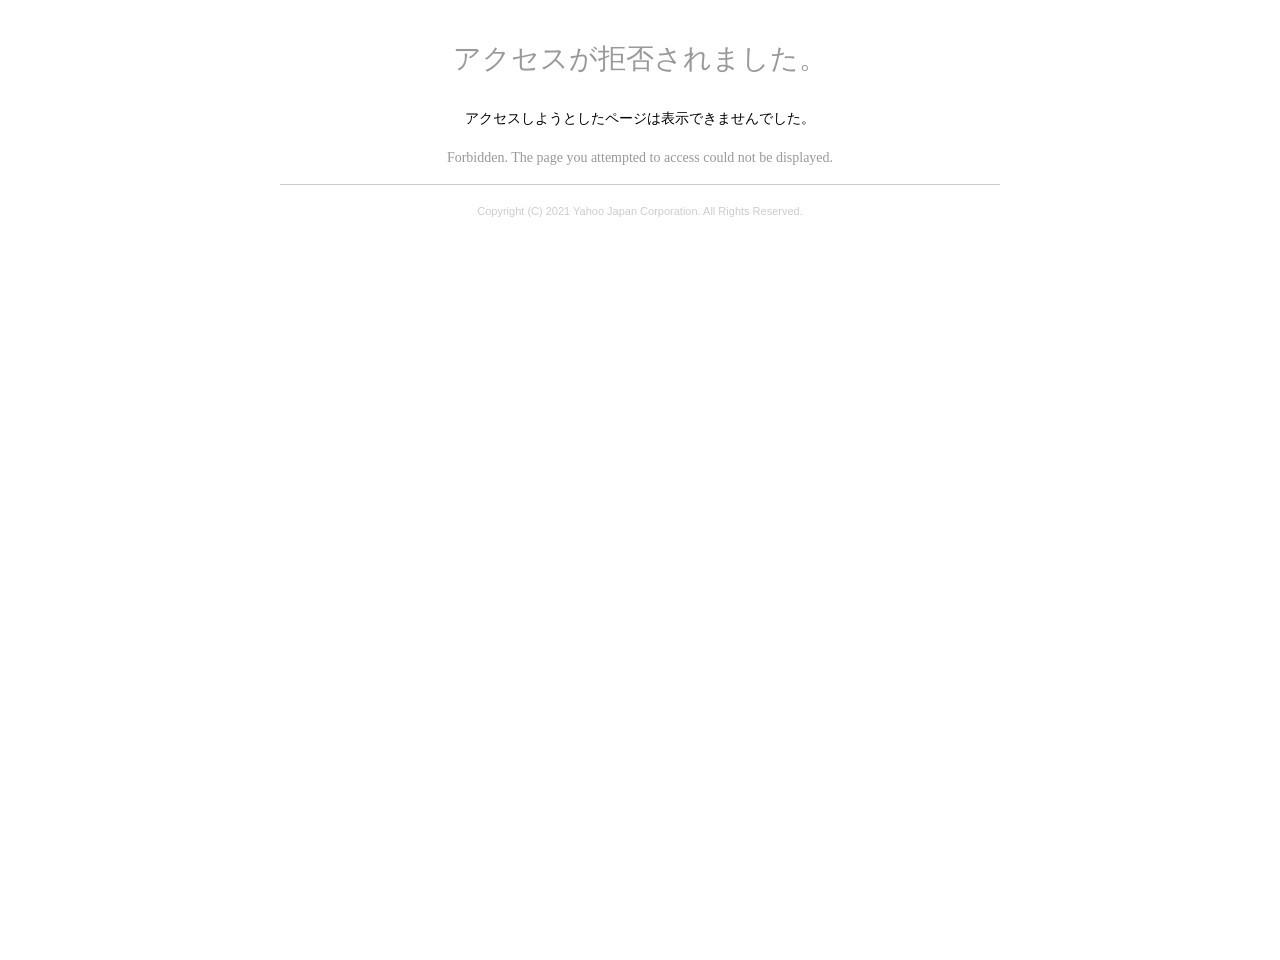 GoToトラベルキャンペーン|Yahoo!トラベル